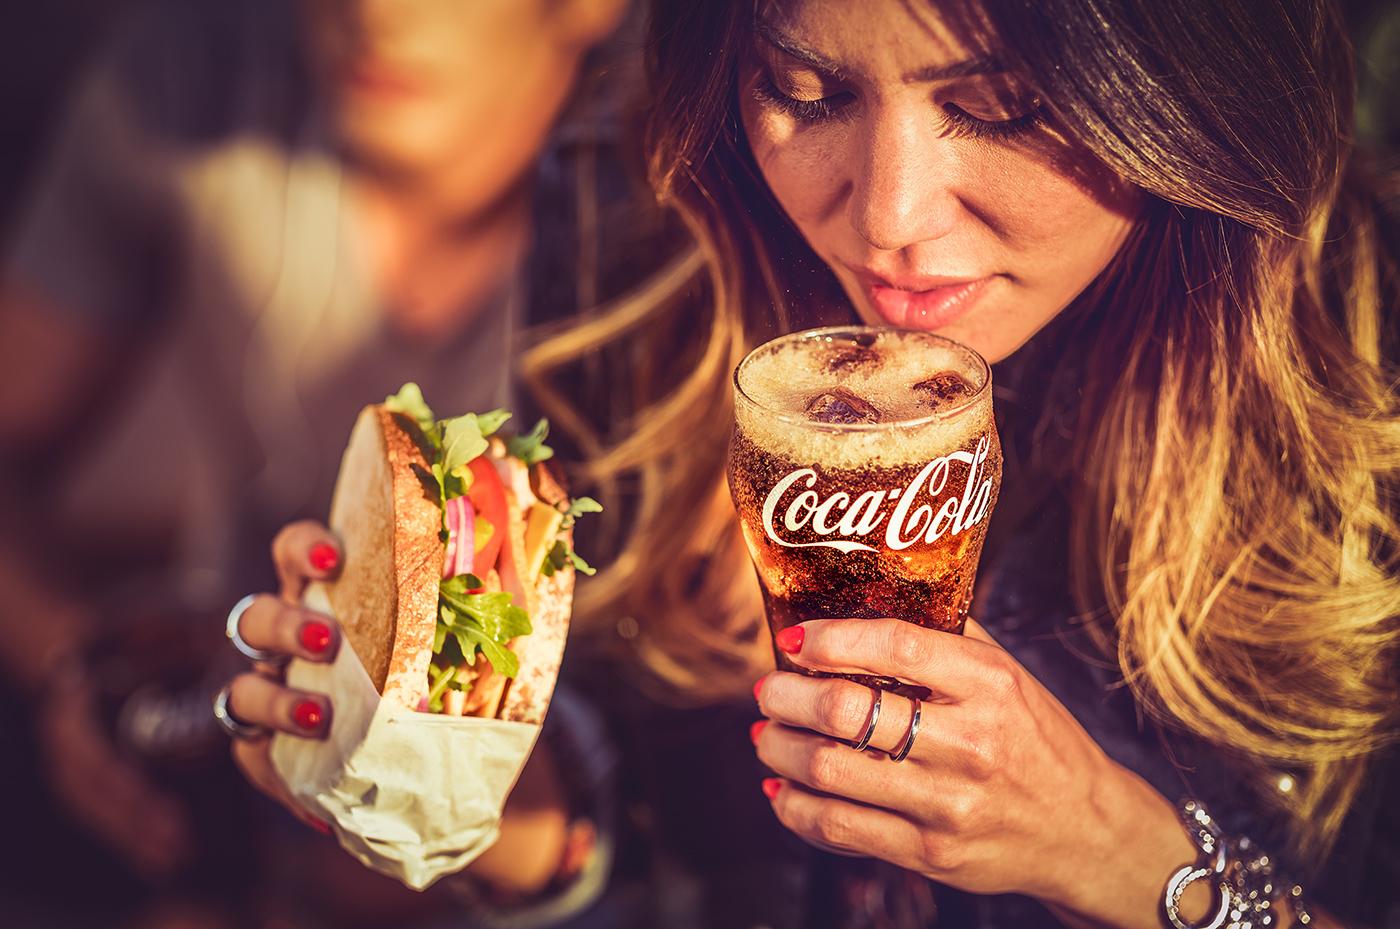 Coca-Cola food